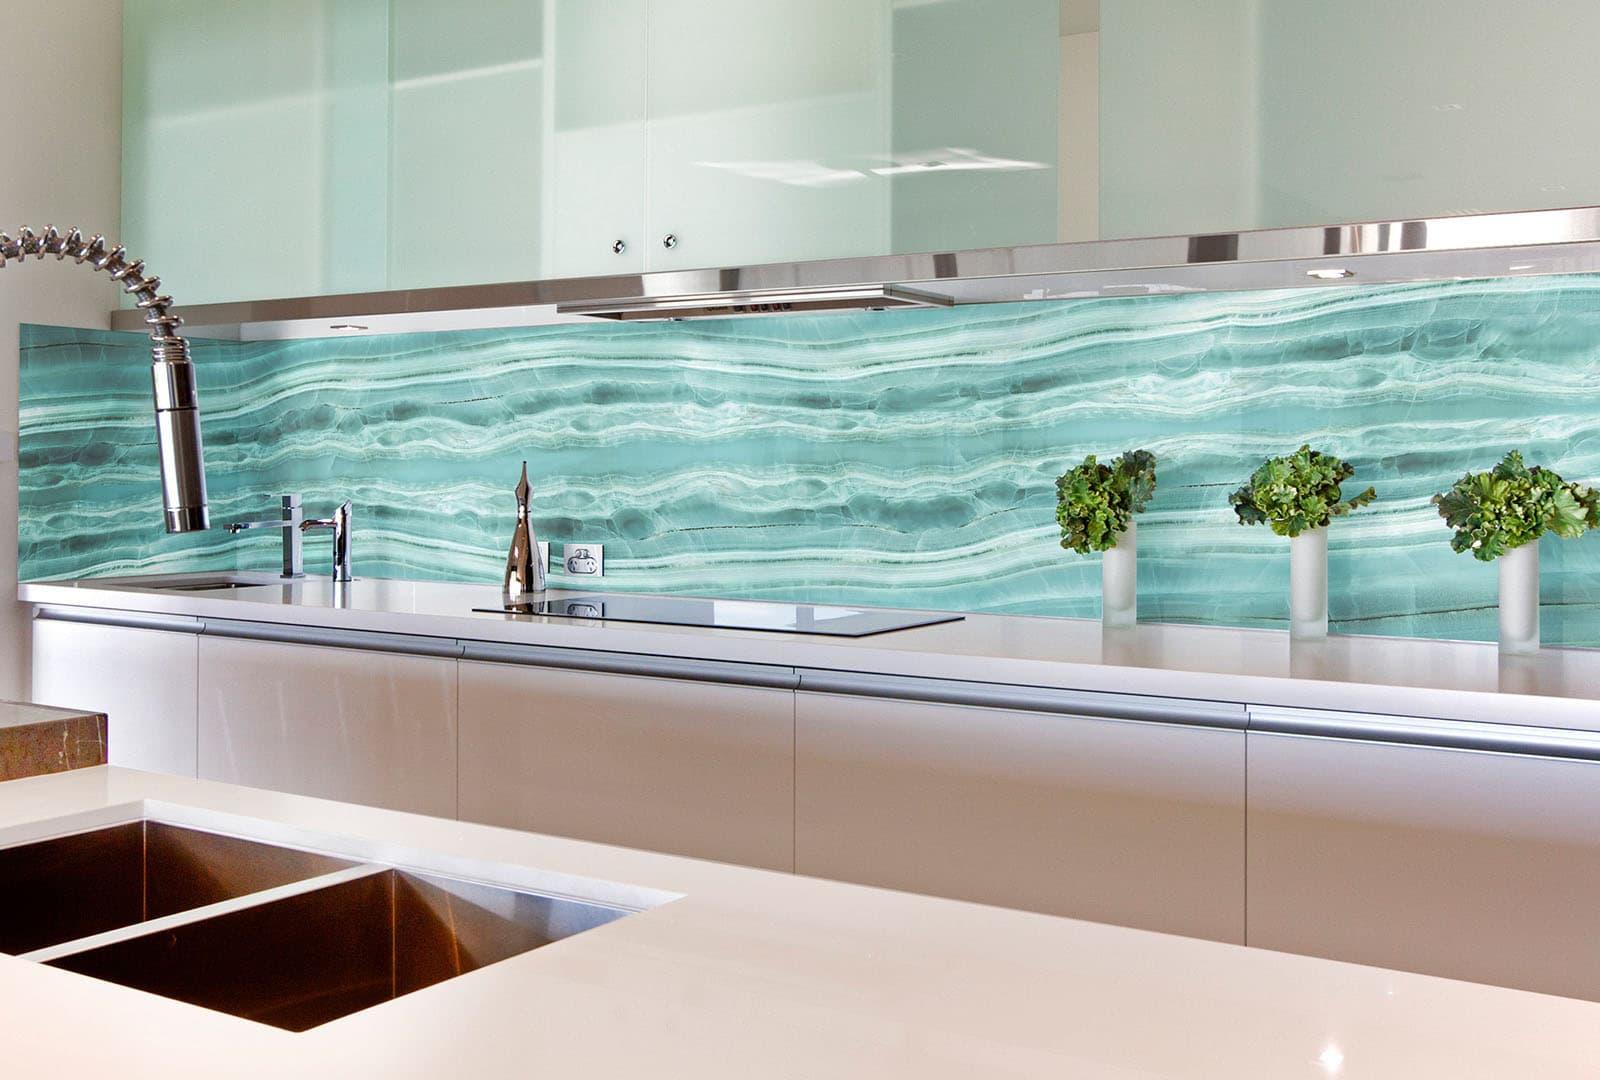 стальные стеклянный кухонный фартук фото дети